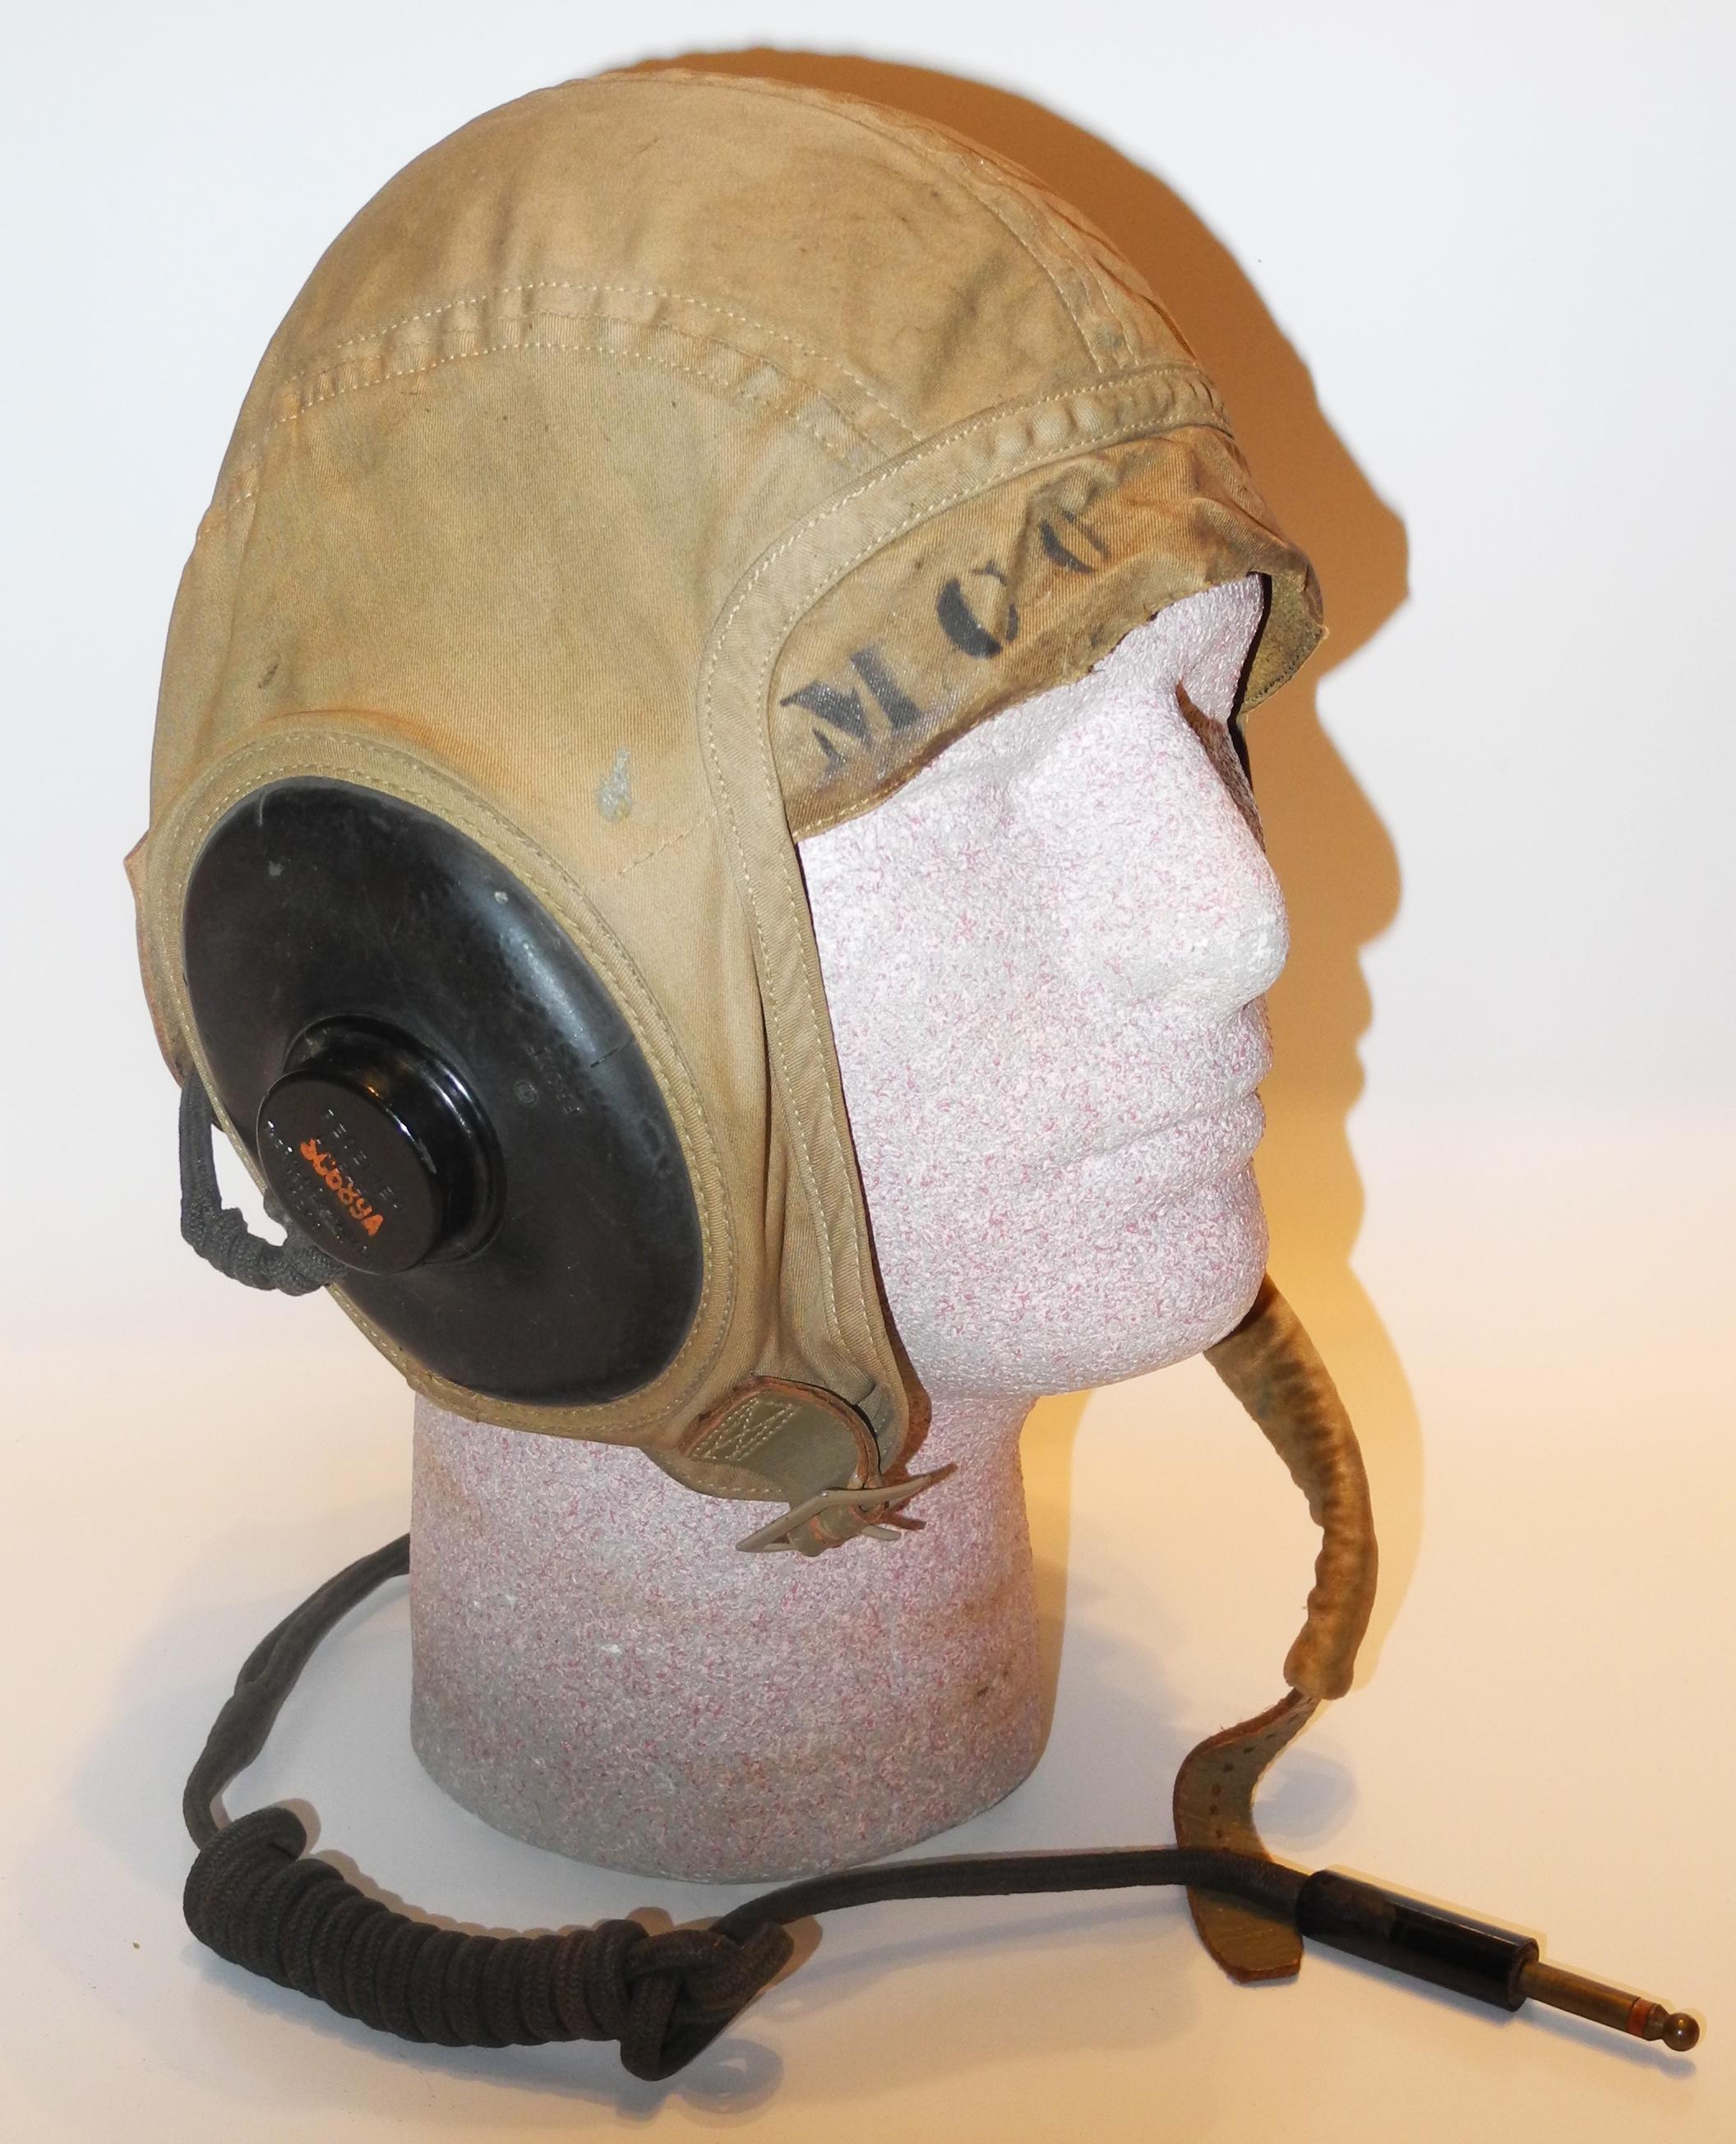 USN AN6540 summer flight helmet